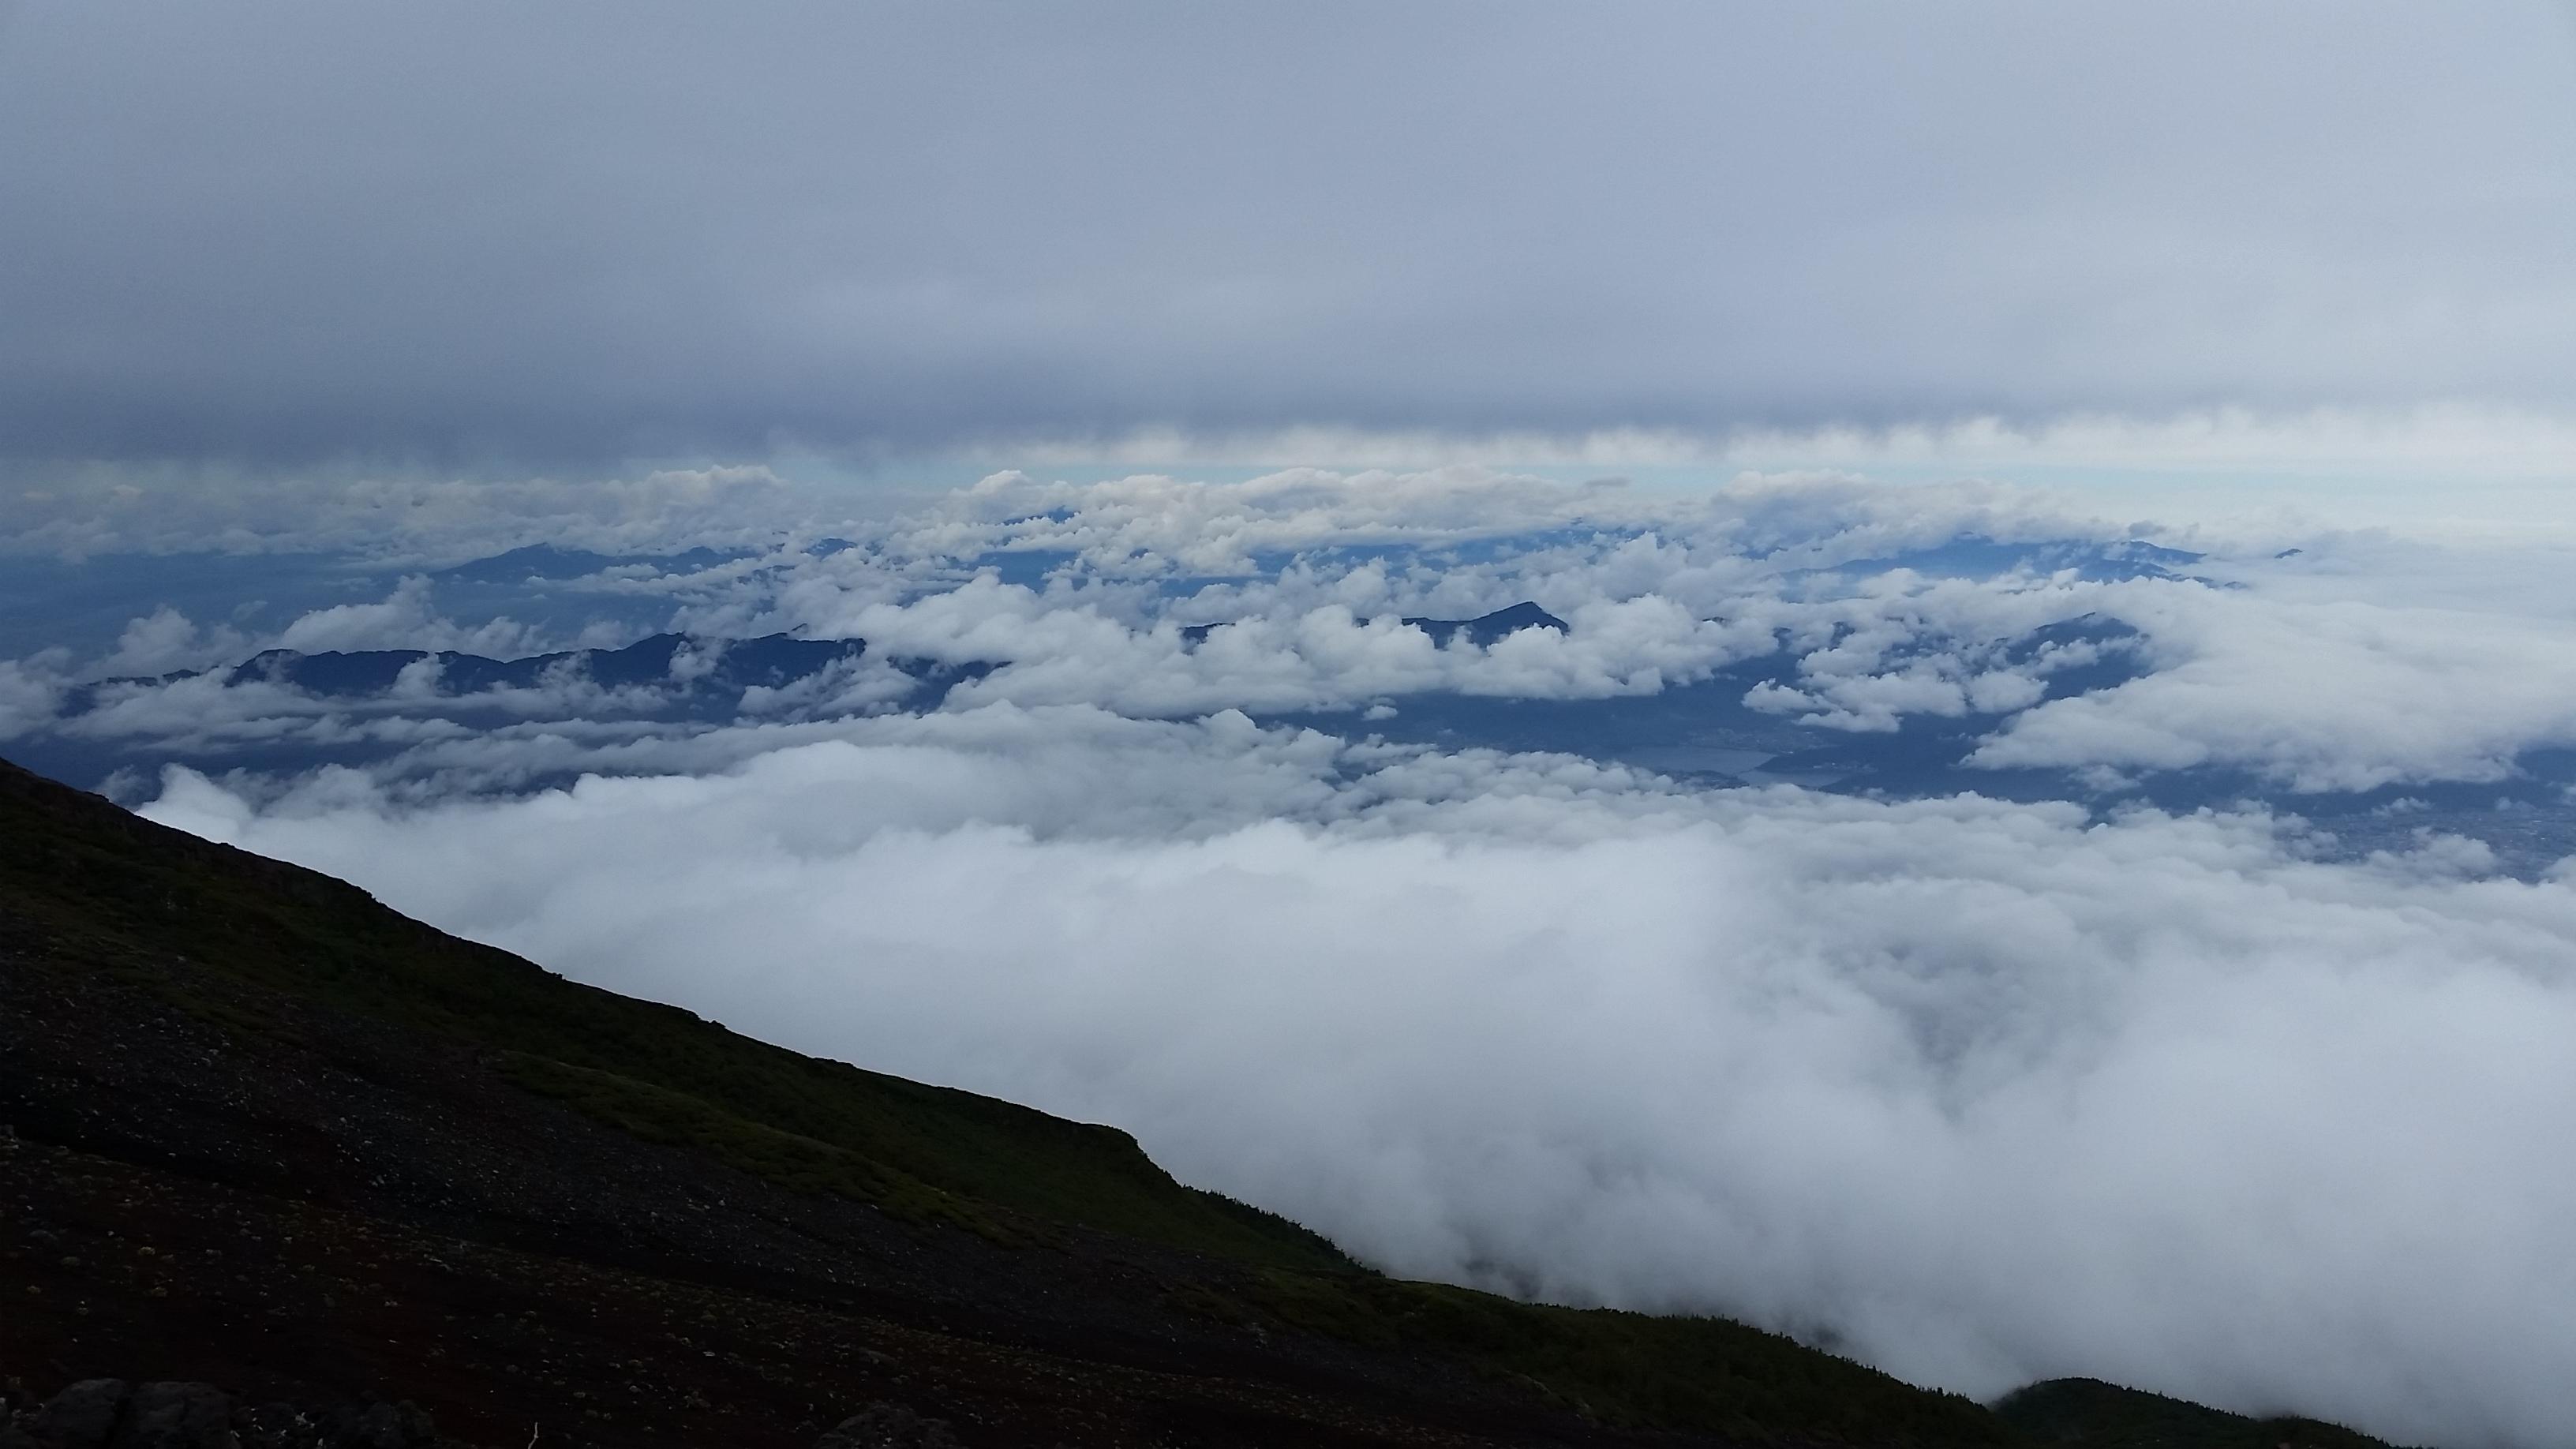 富士登山中に撮影した雲海